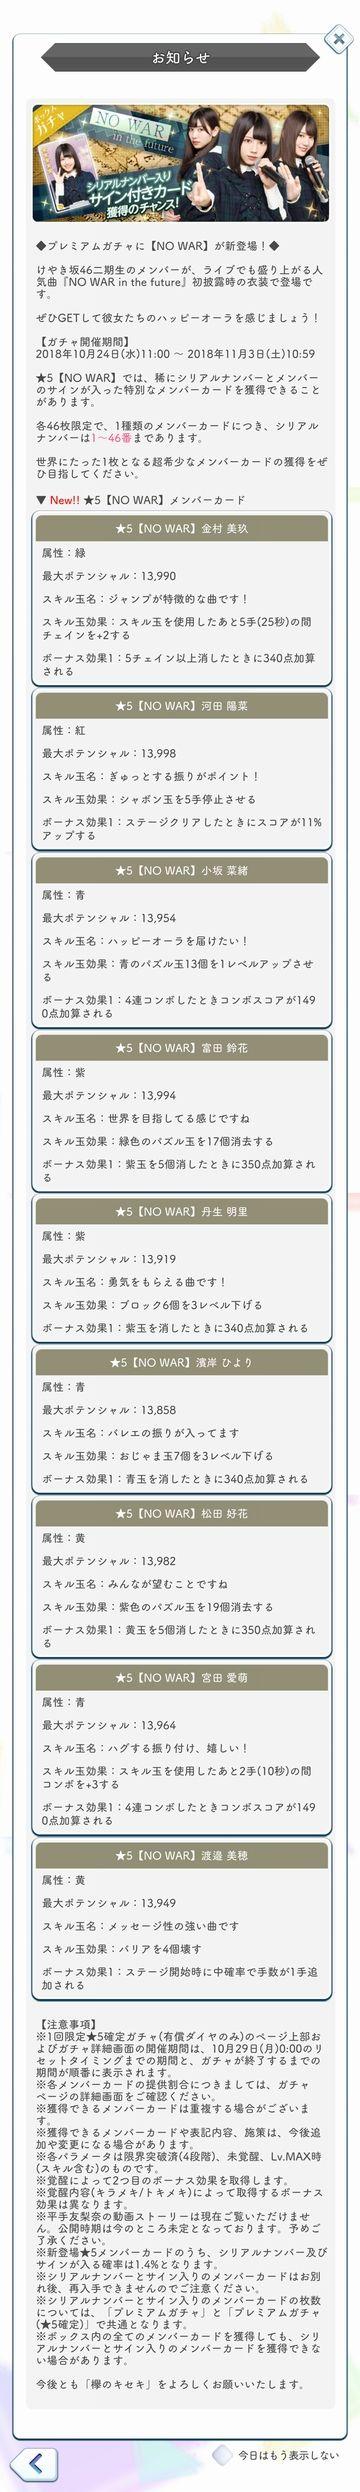 00 NO WAR ガチャ詳細